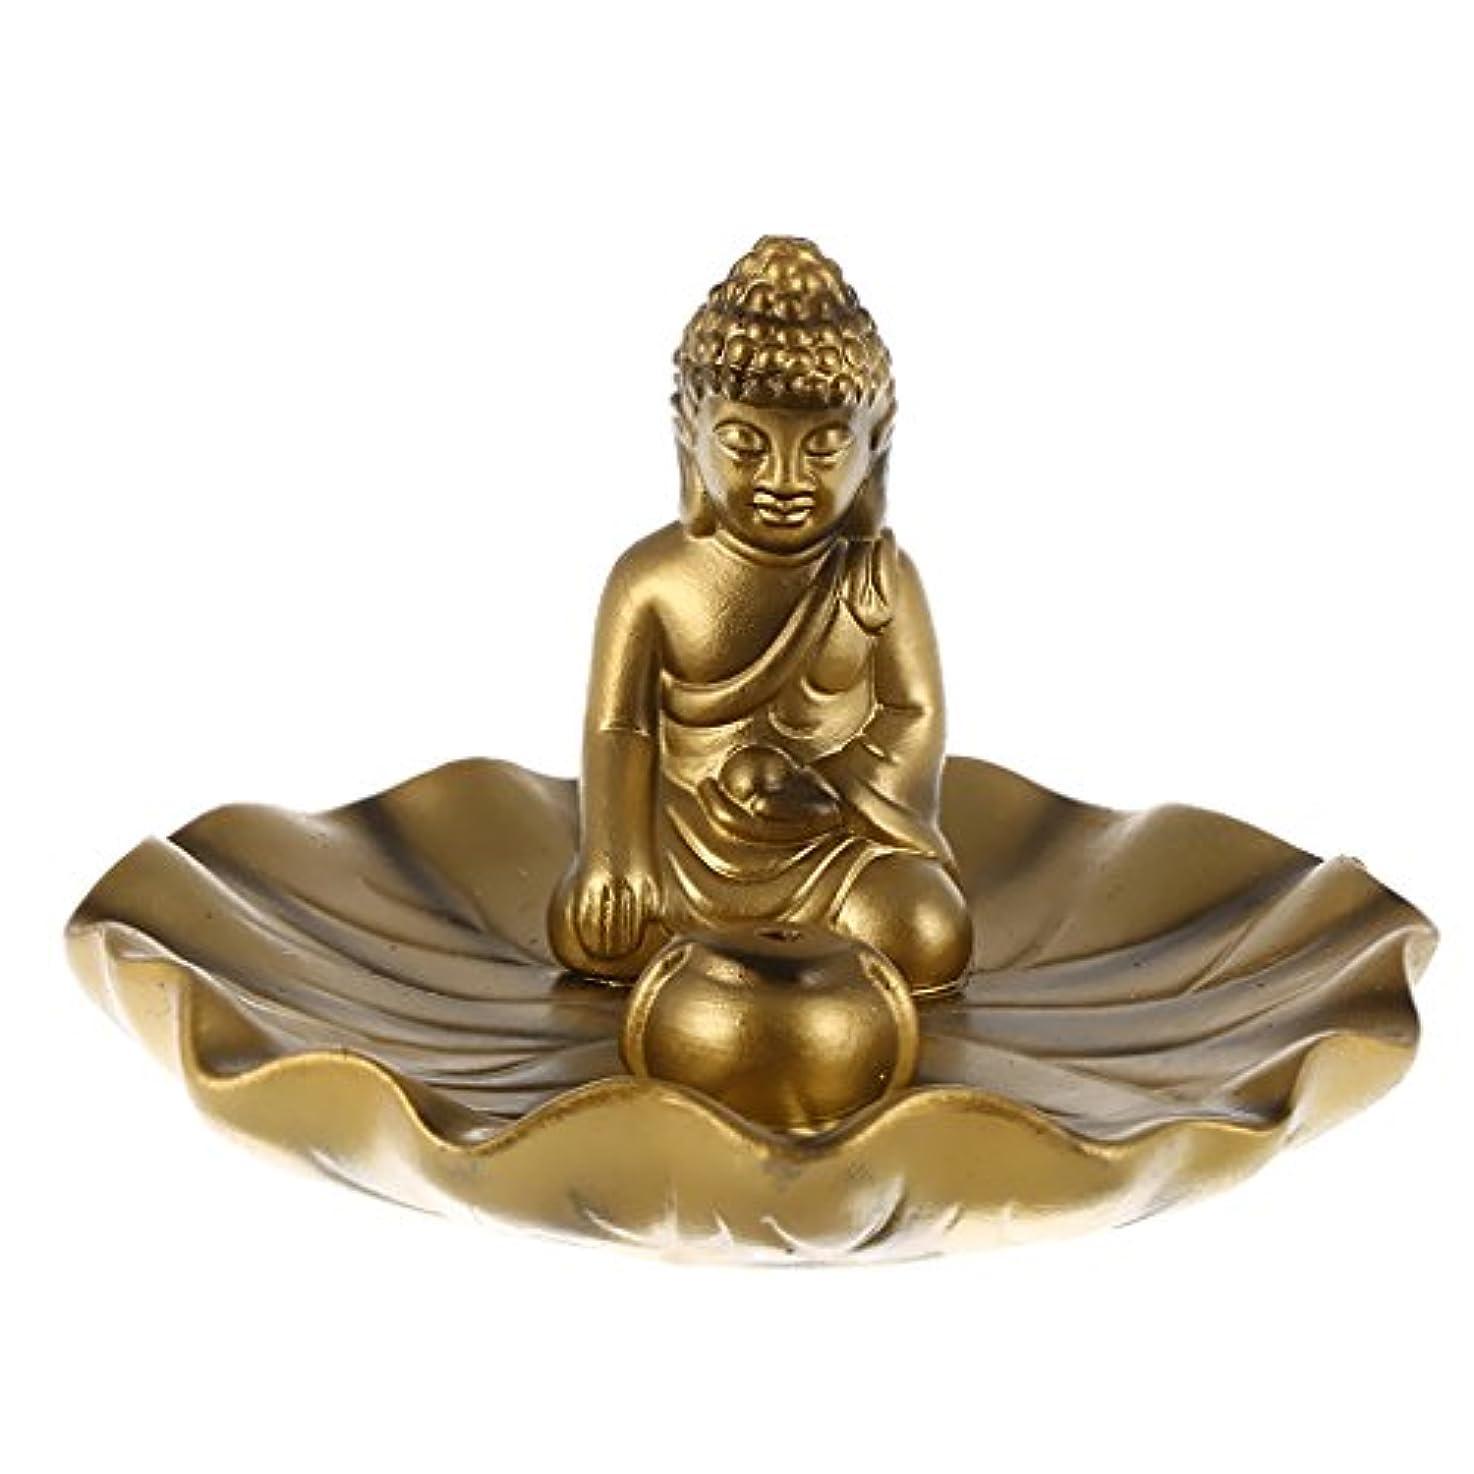 保持ローズホットmonkeyjackアンティーク中国スタイルMeditating Buddha Statue Incenseお香バーナーホルダーラウンドプレートホーム装飾 12.5x8cm ゴールド 451abb99ca509582d1ac598f12cb379e